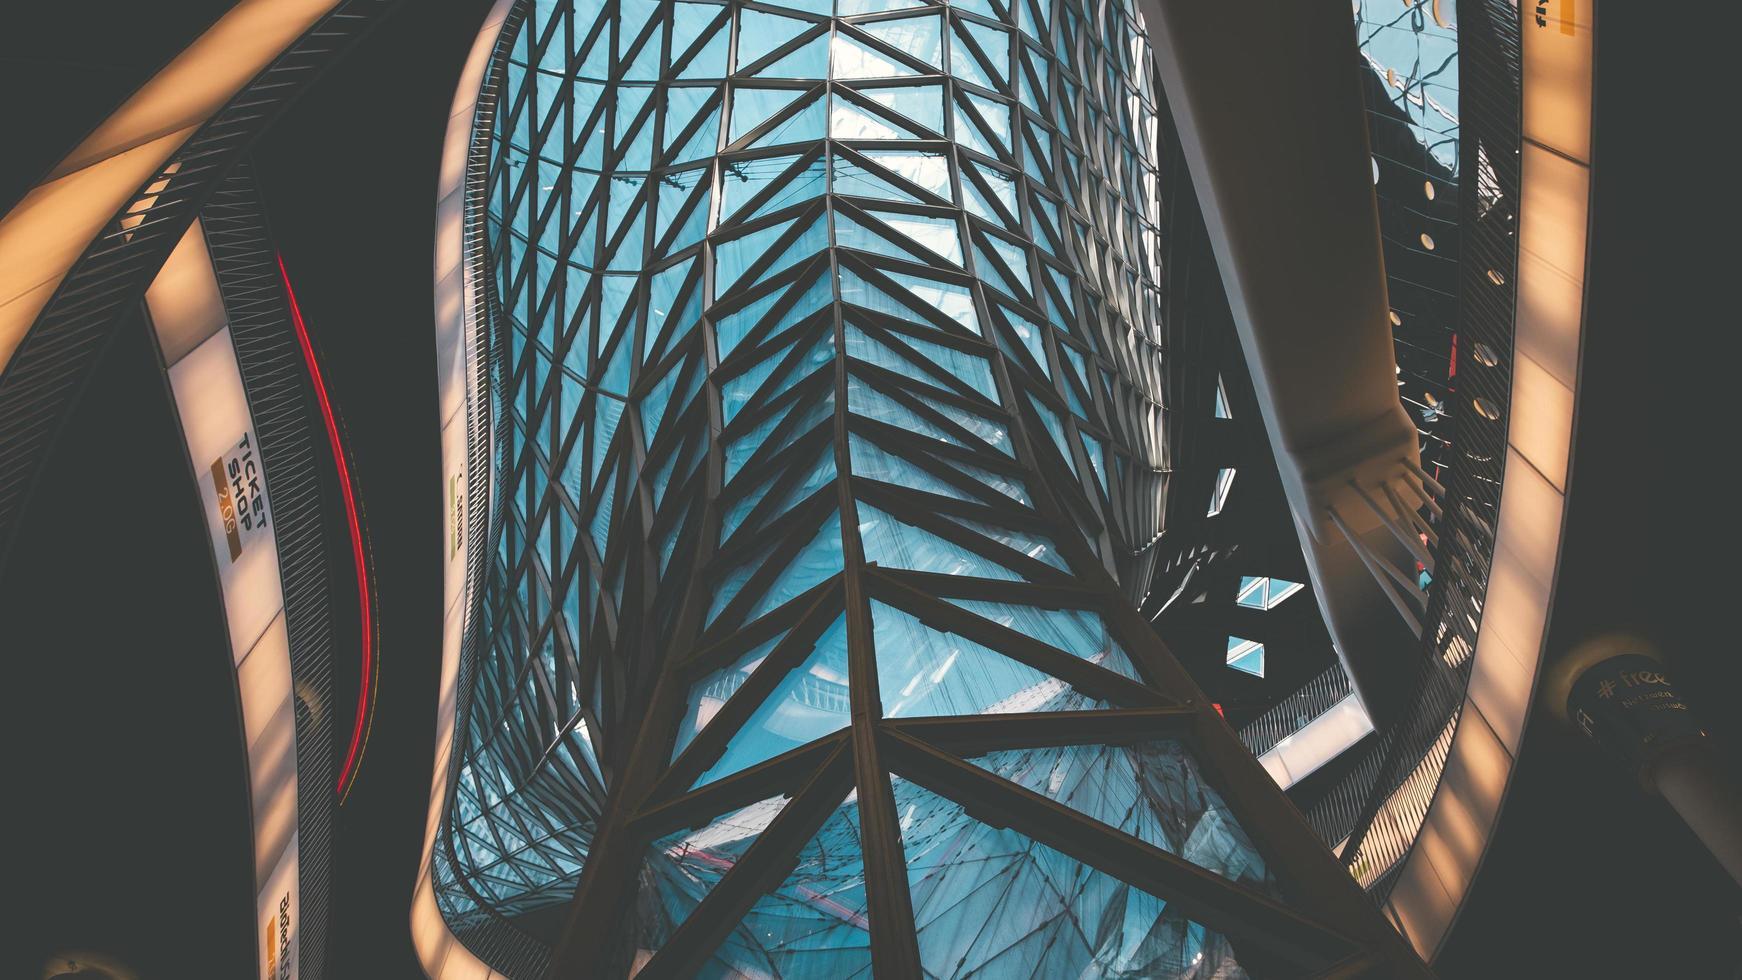 Frankfurt, Alemania, 2020 - mirando hacia un techo de cristal moderno foto